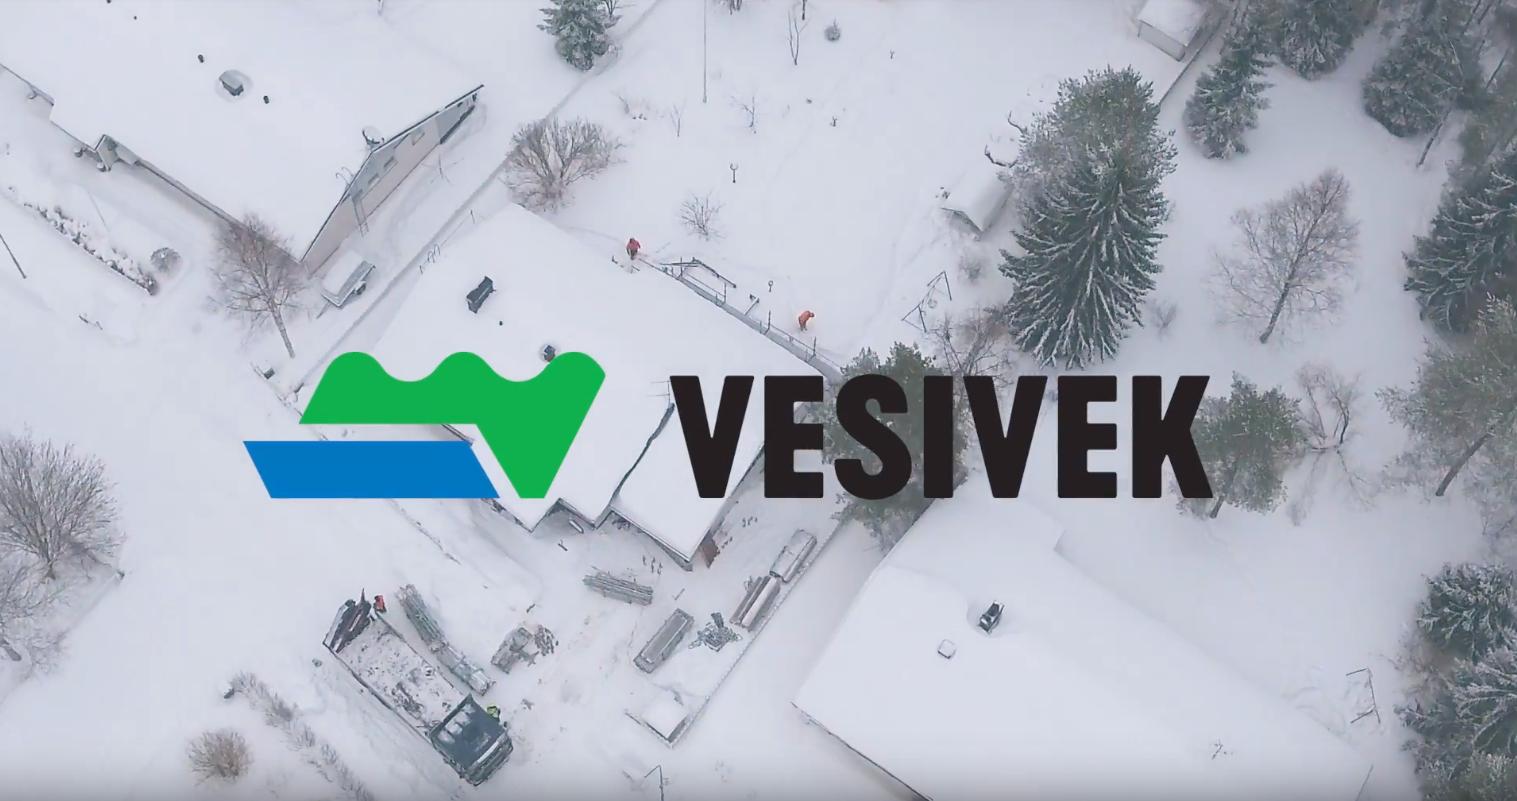 vesivek_video